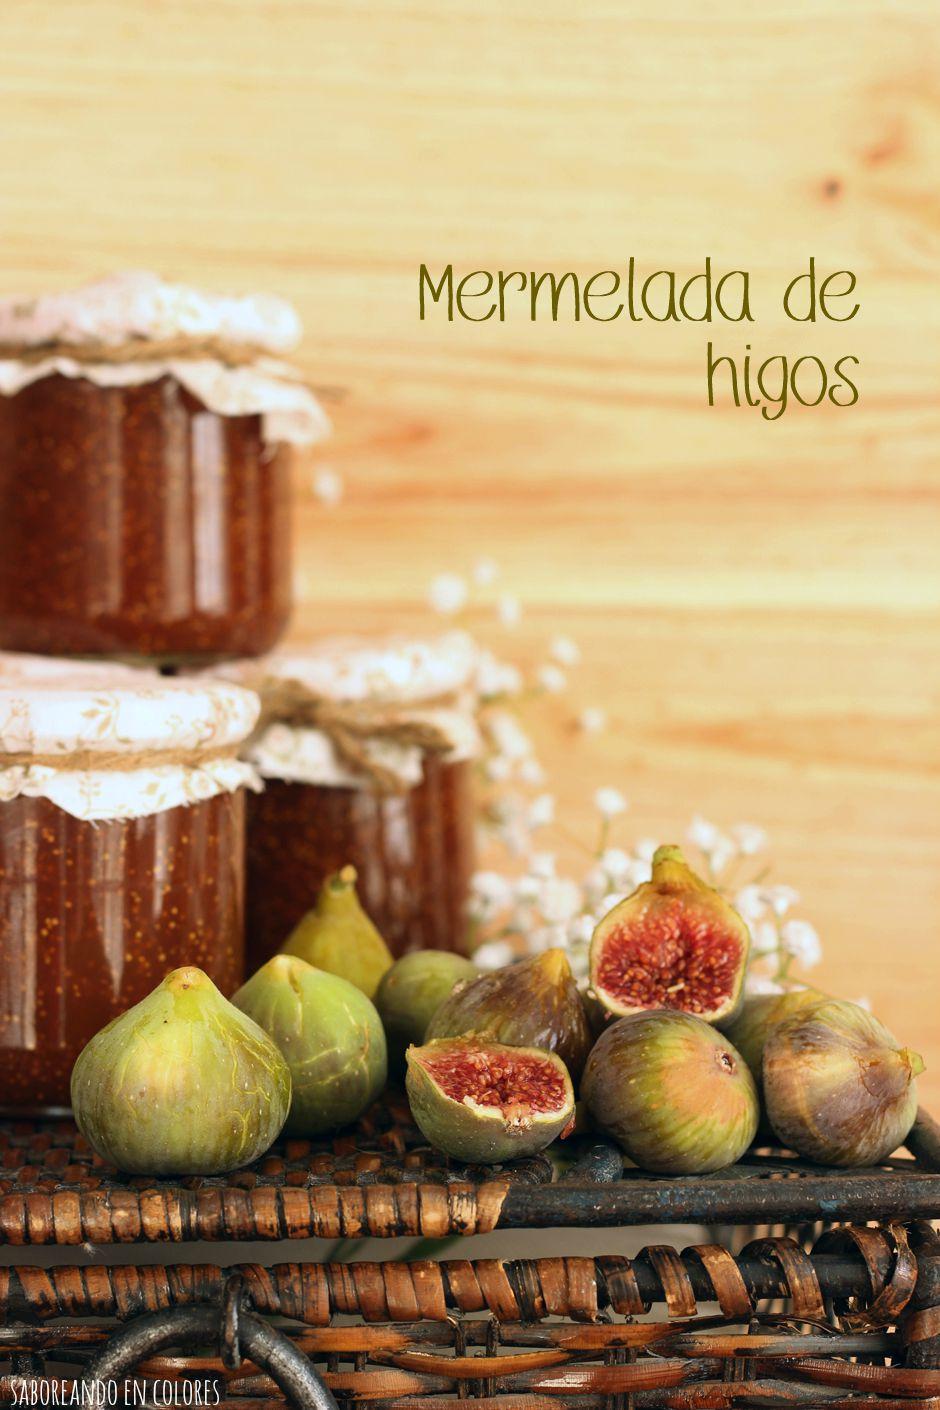 mermelada-de-higos3